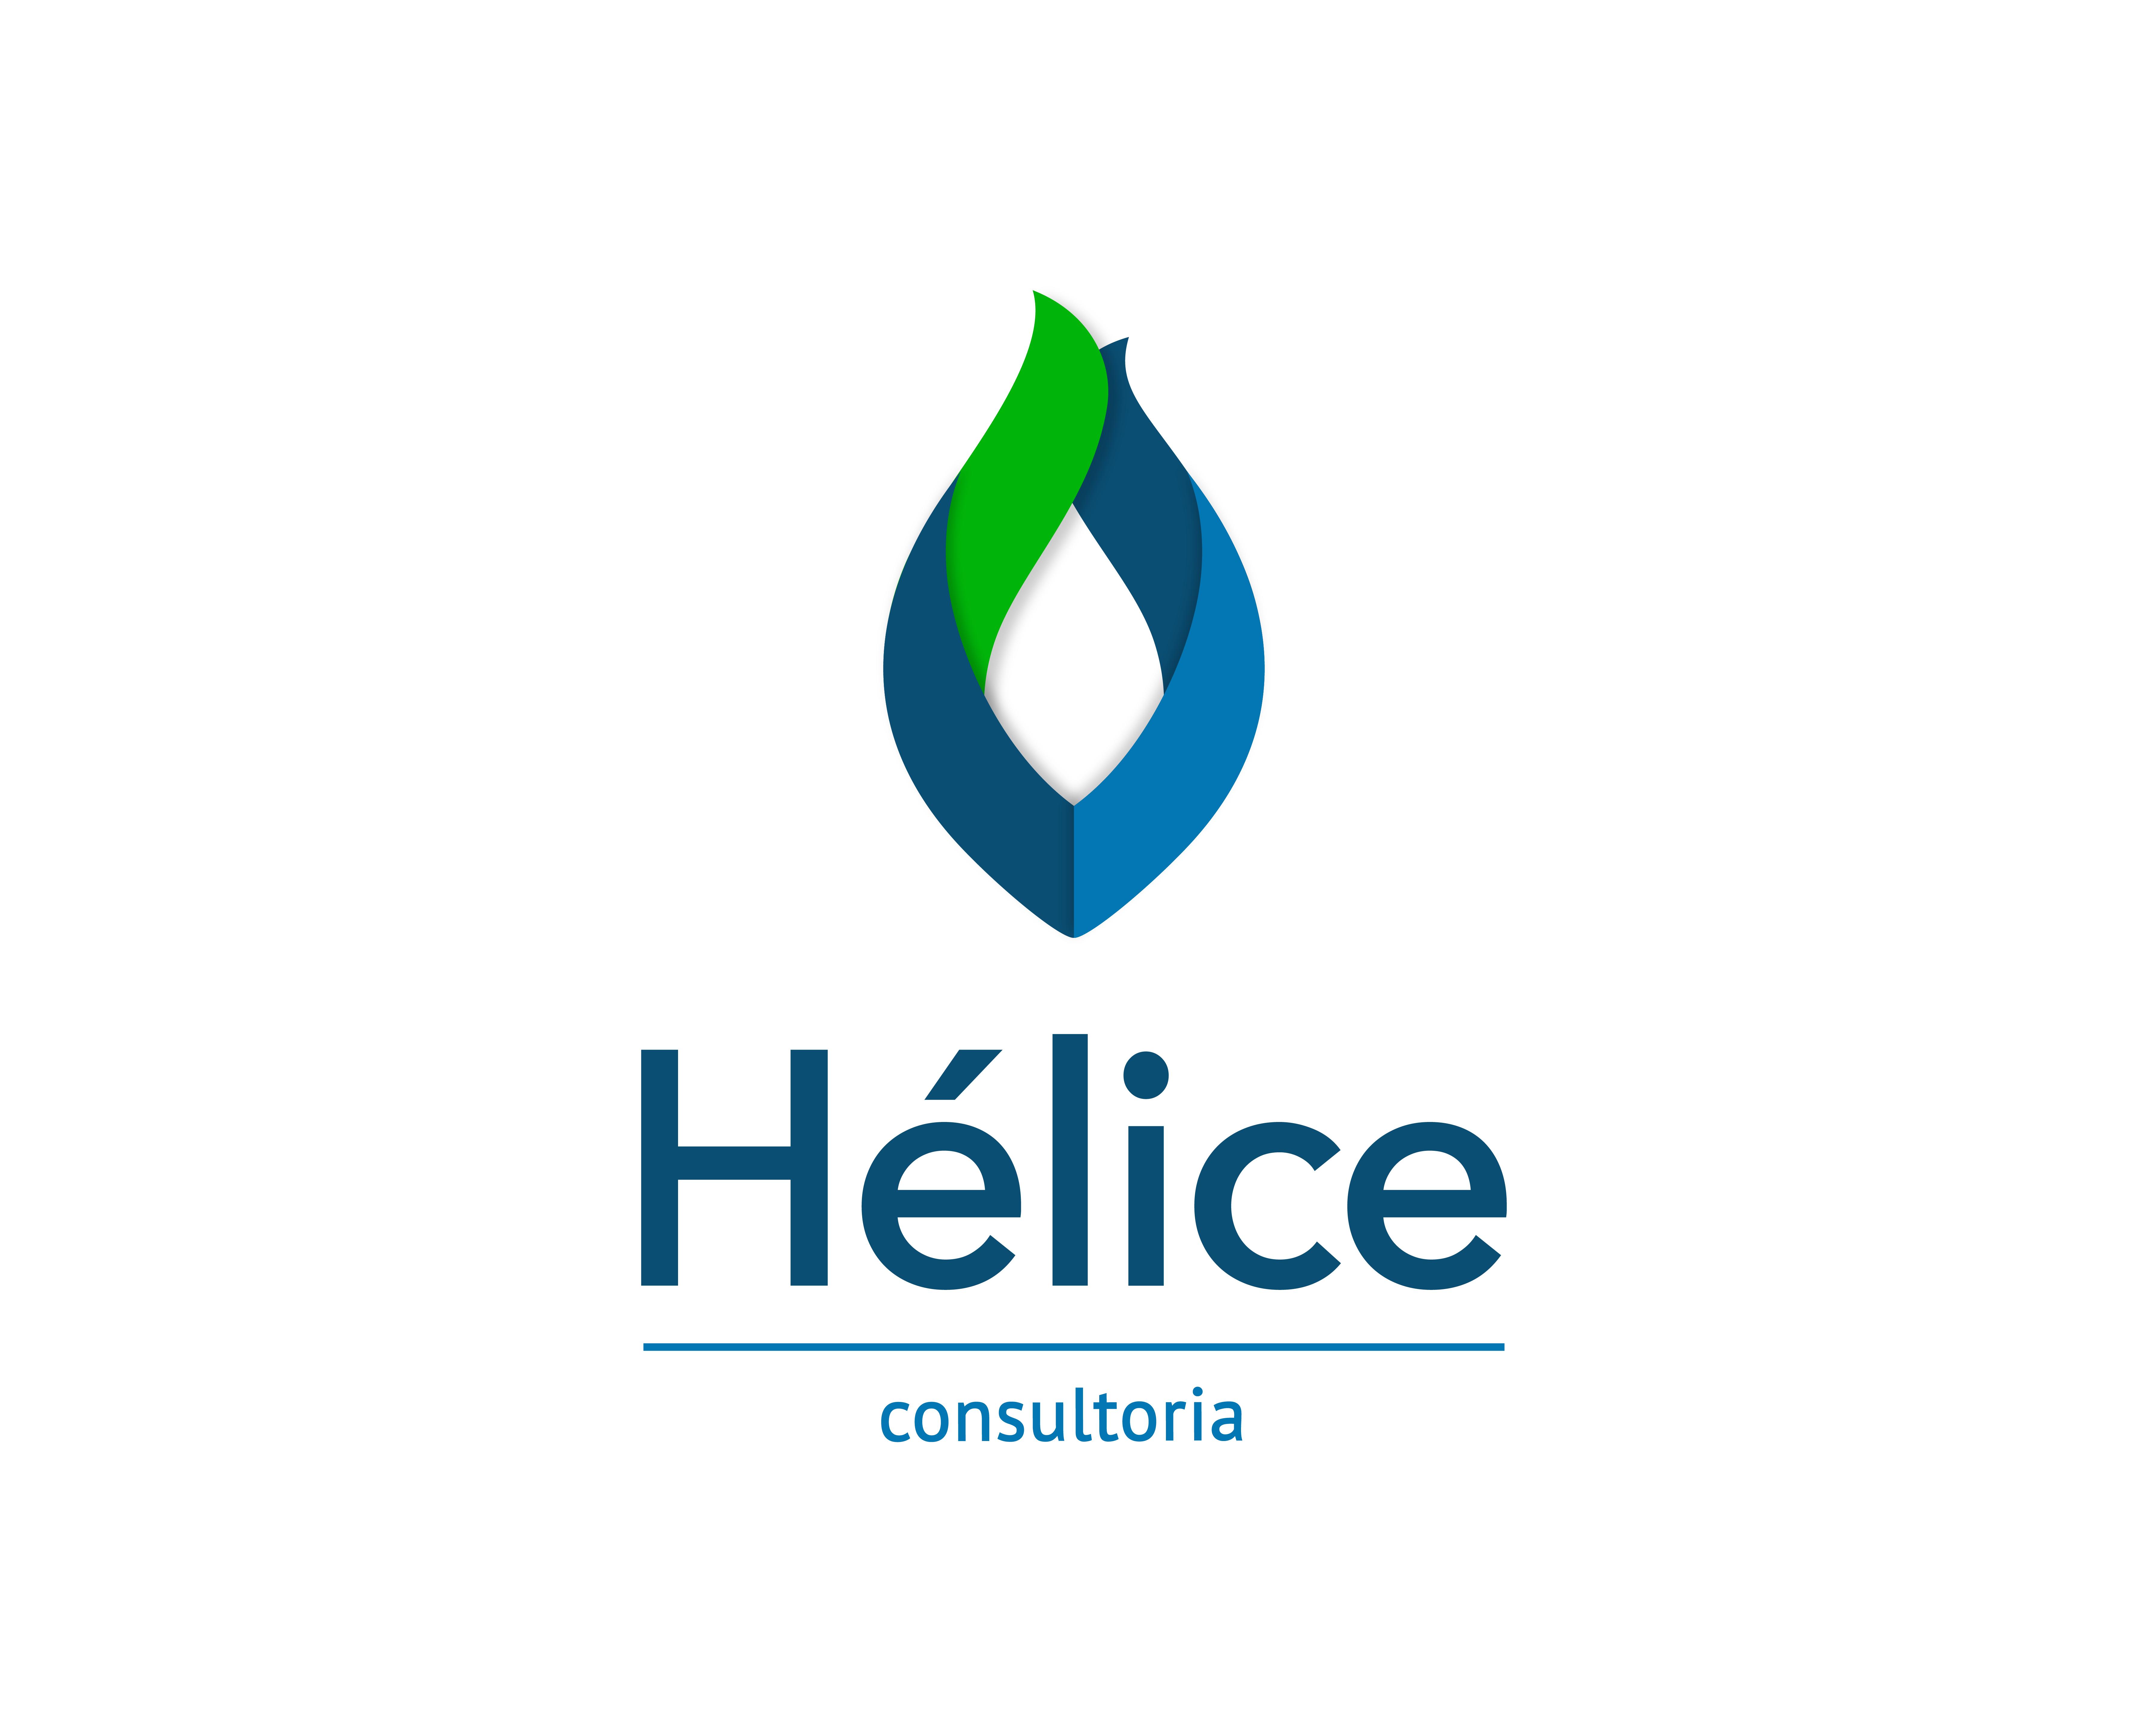 Logo helice final2-01